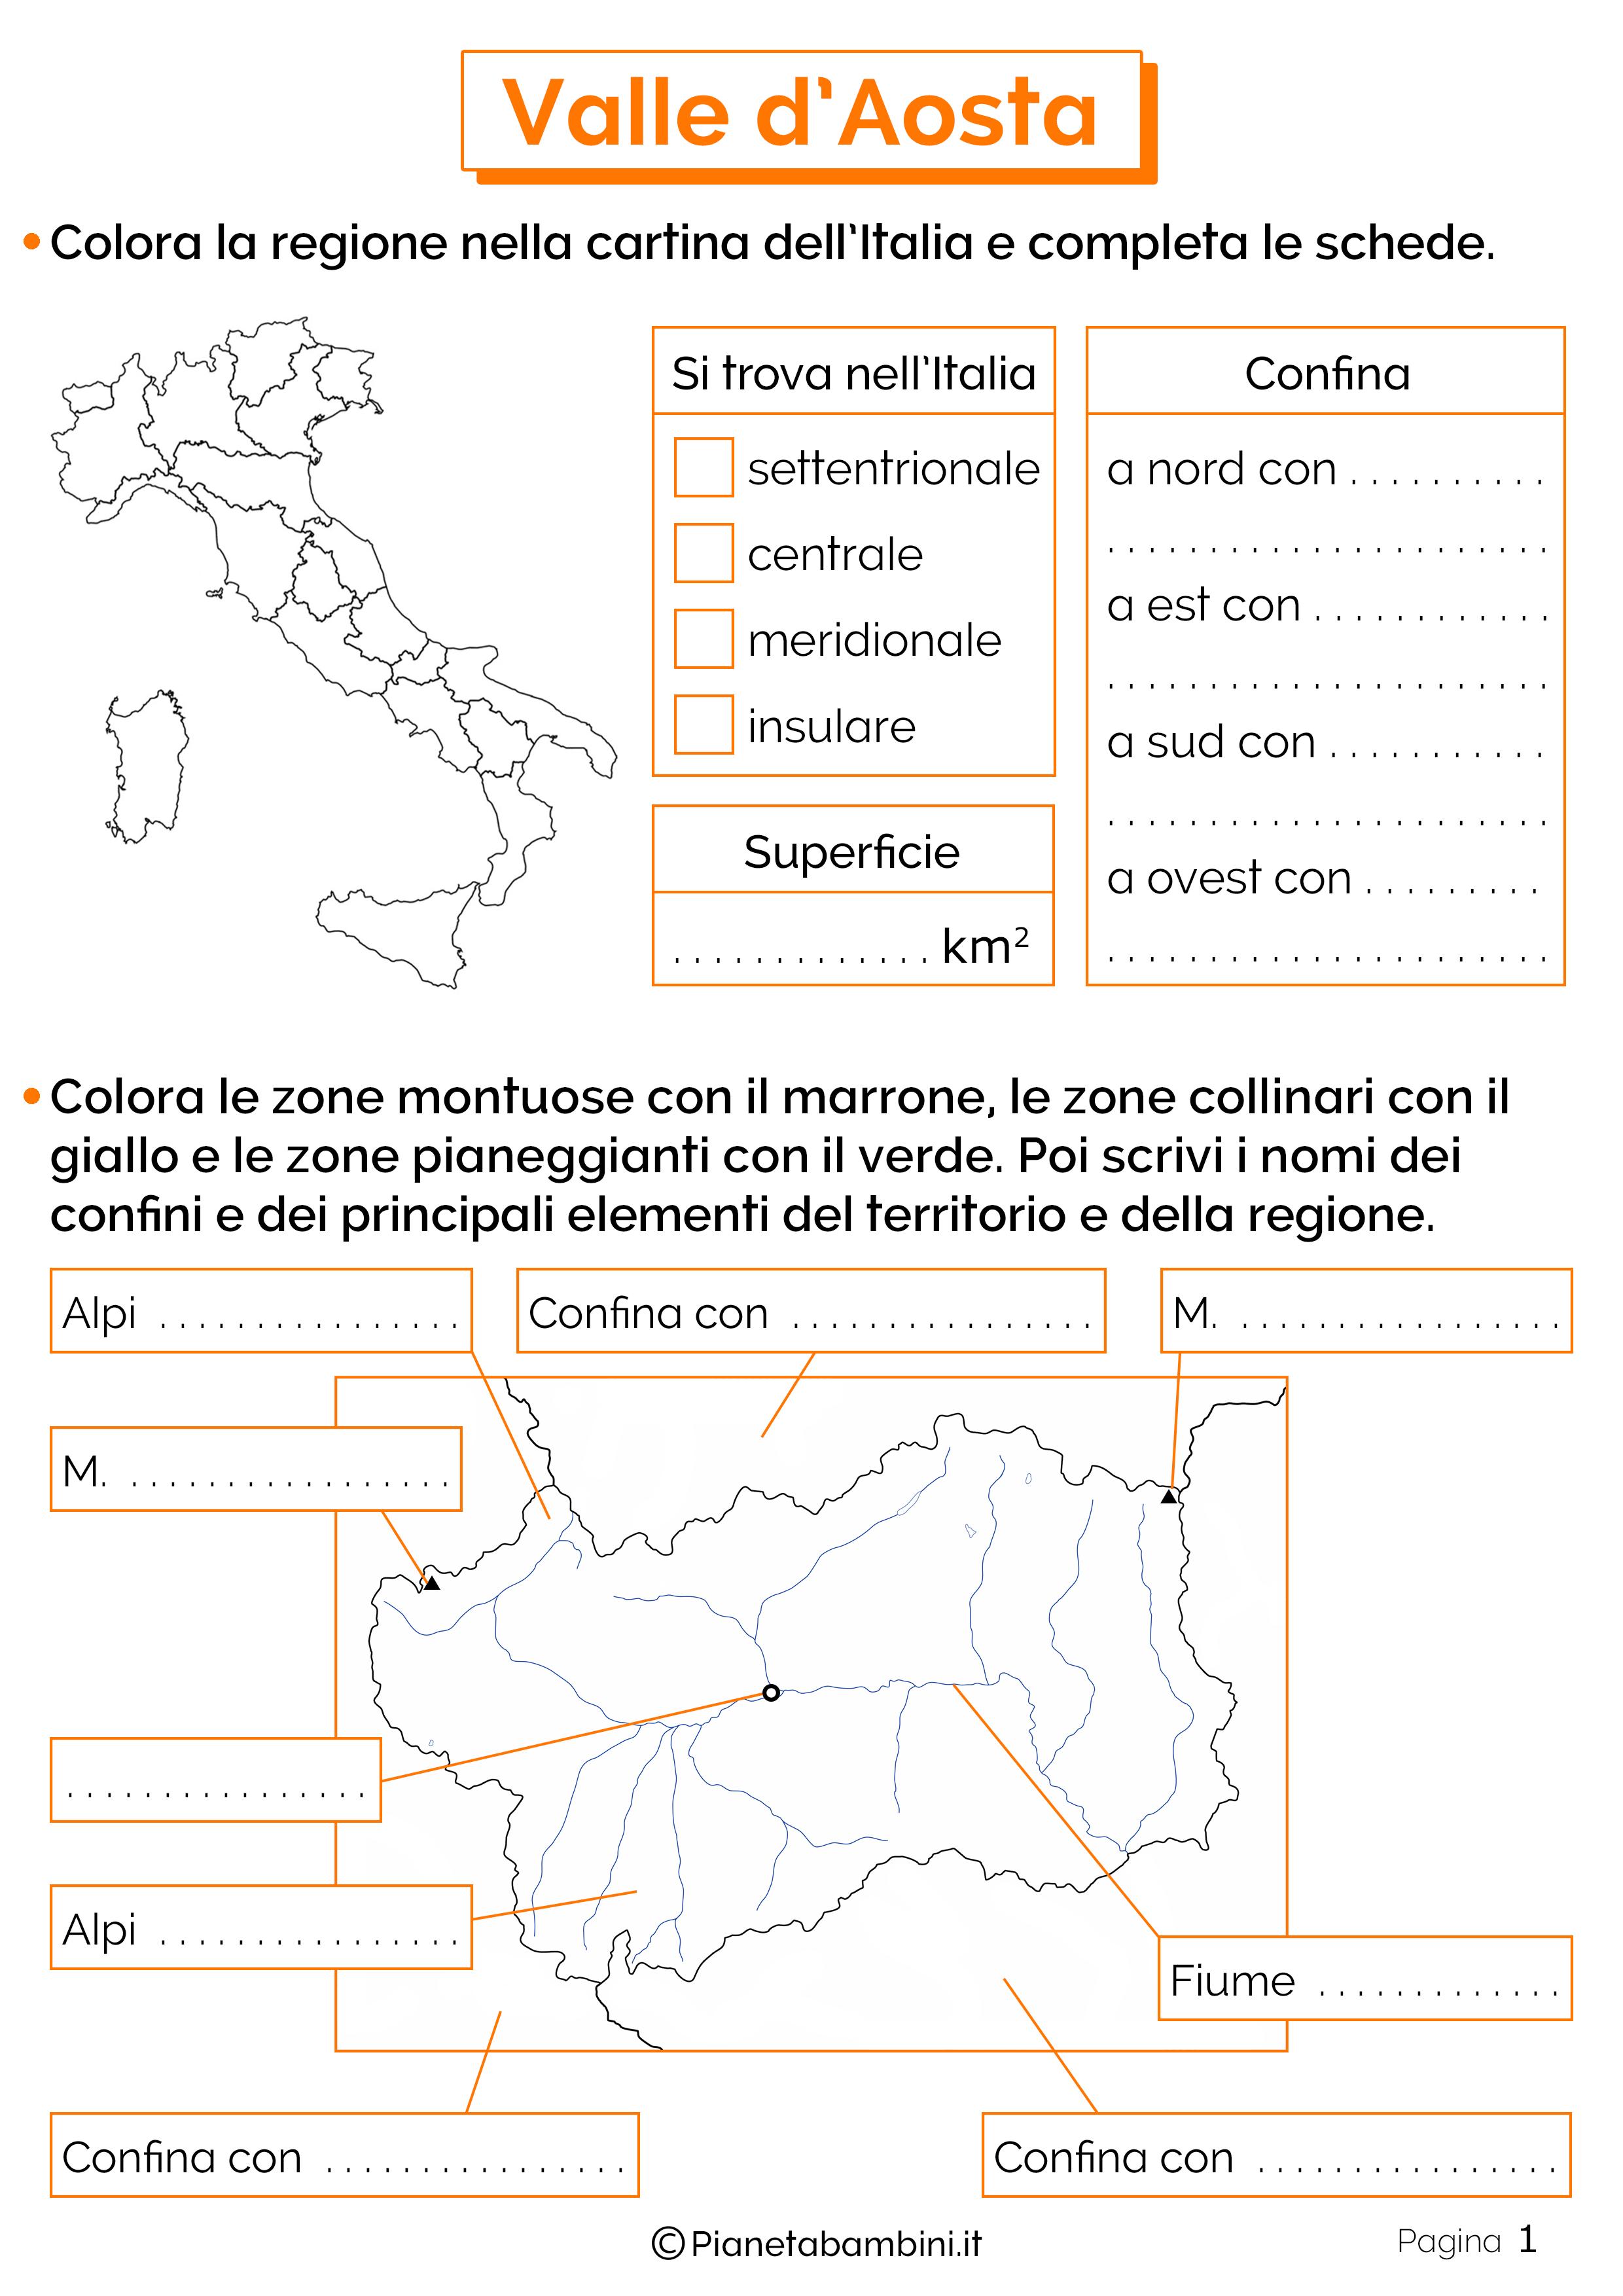 Cartina Valle D Aosta Da Colorare.Valle D Aosta Schede Didattiche Per La Scuola Primaria Pianetabambini It